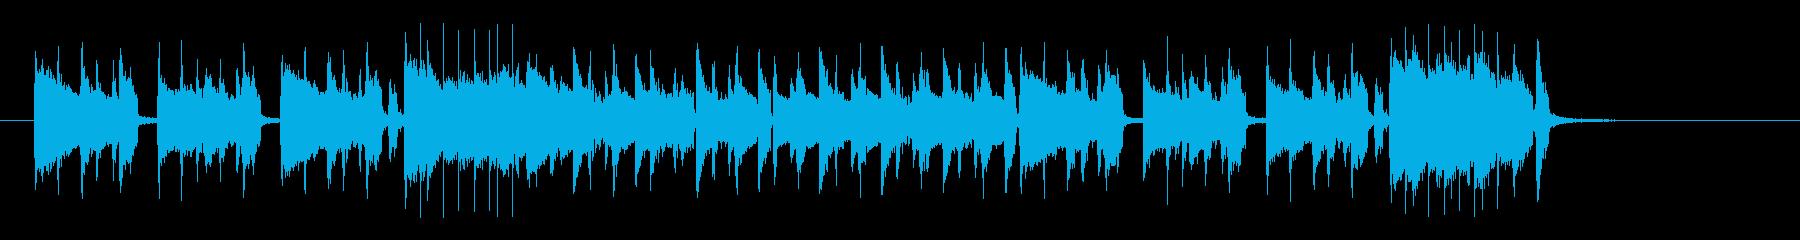 アップテンポの季節感あるドラムの曲の再生済みの波形